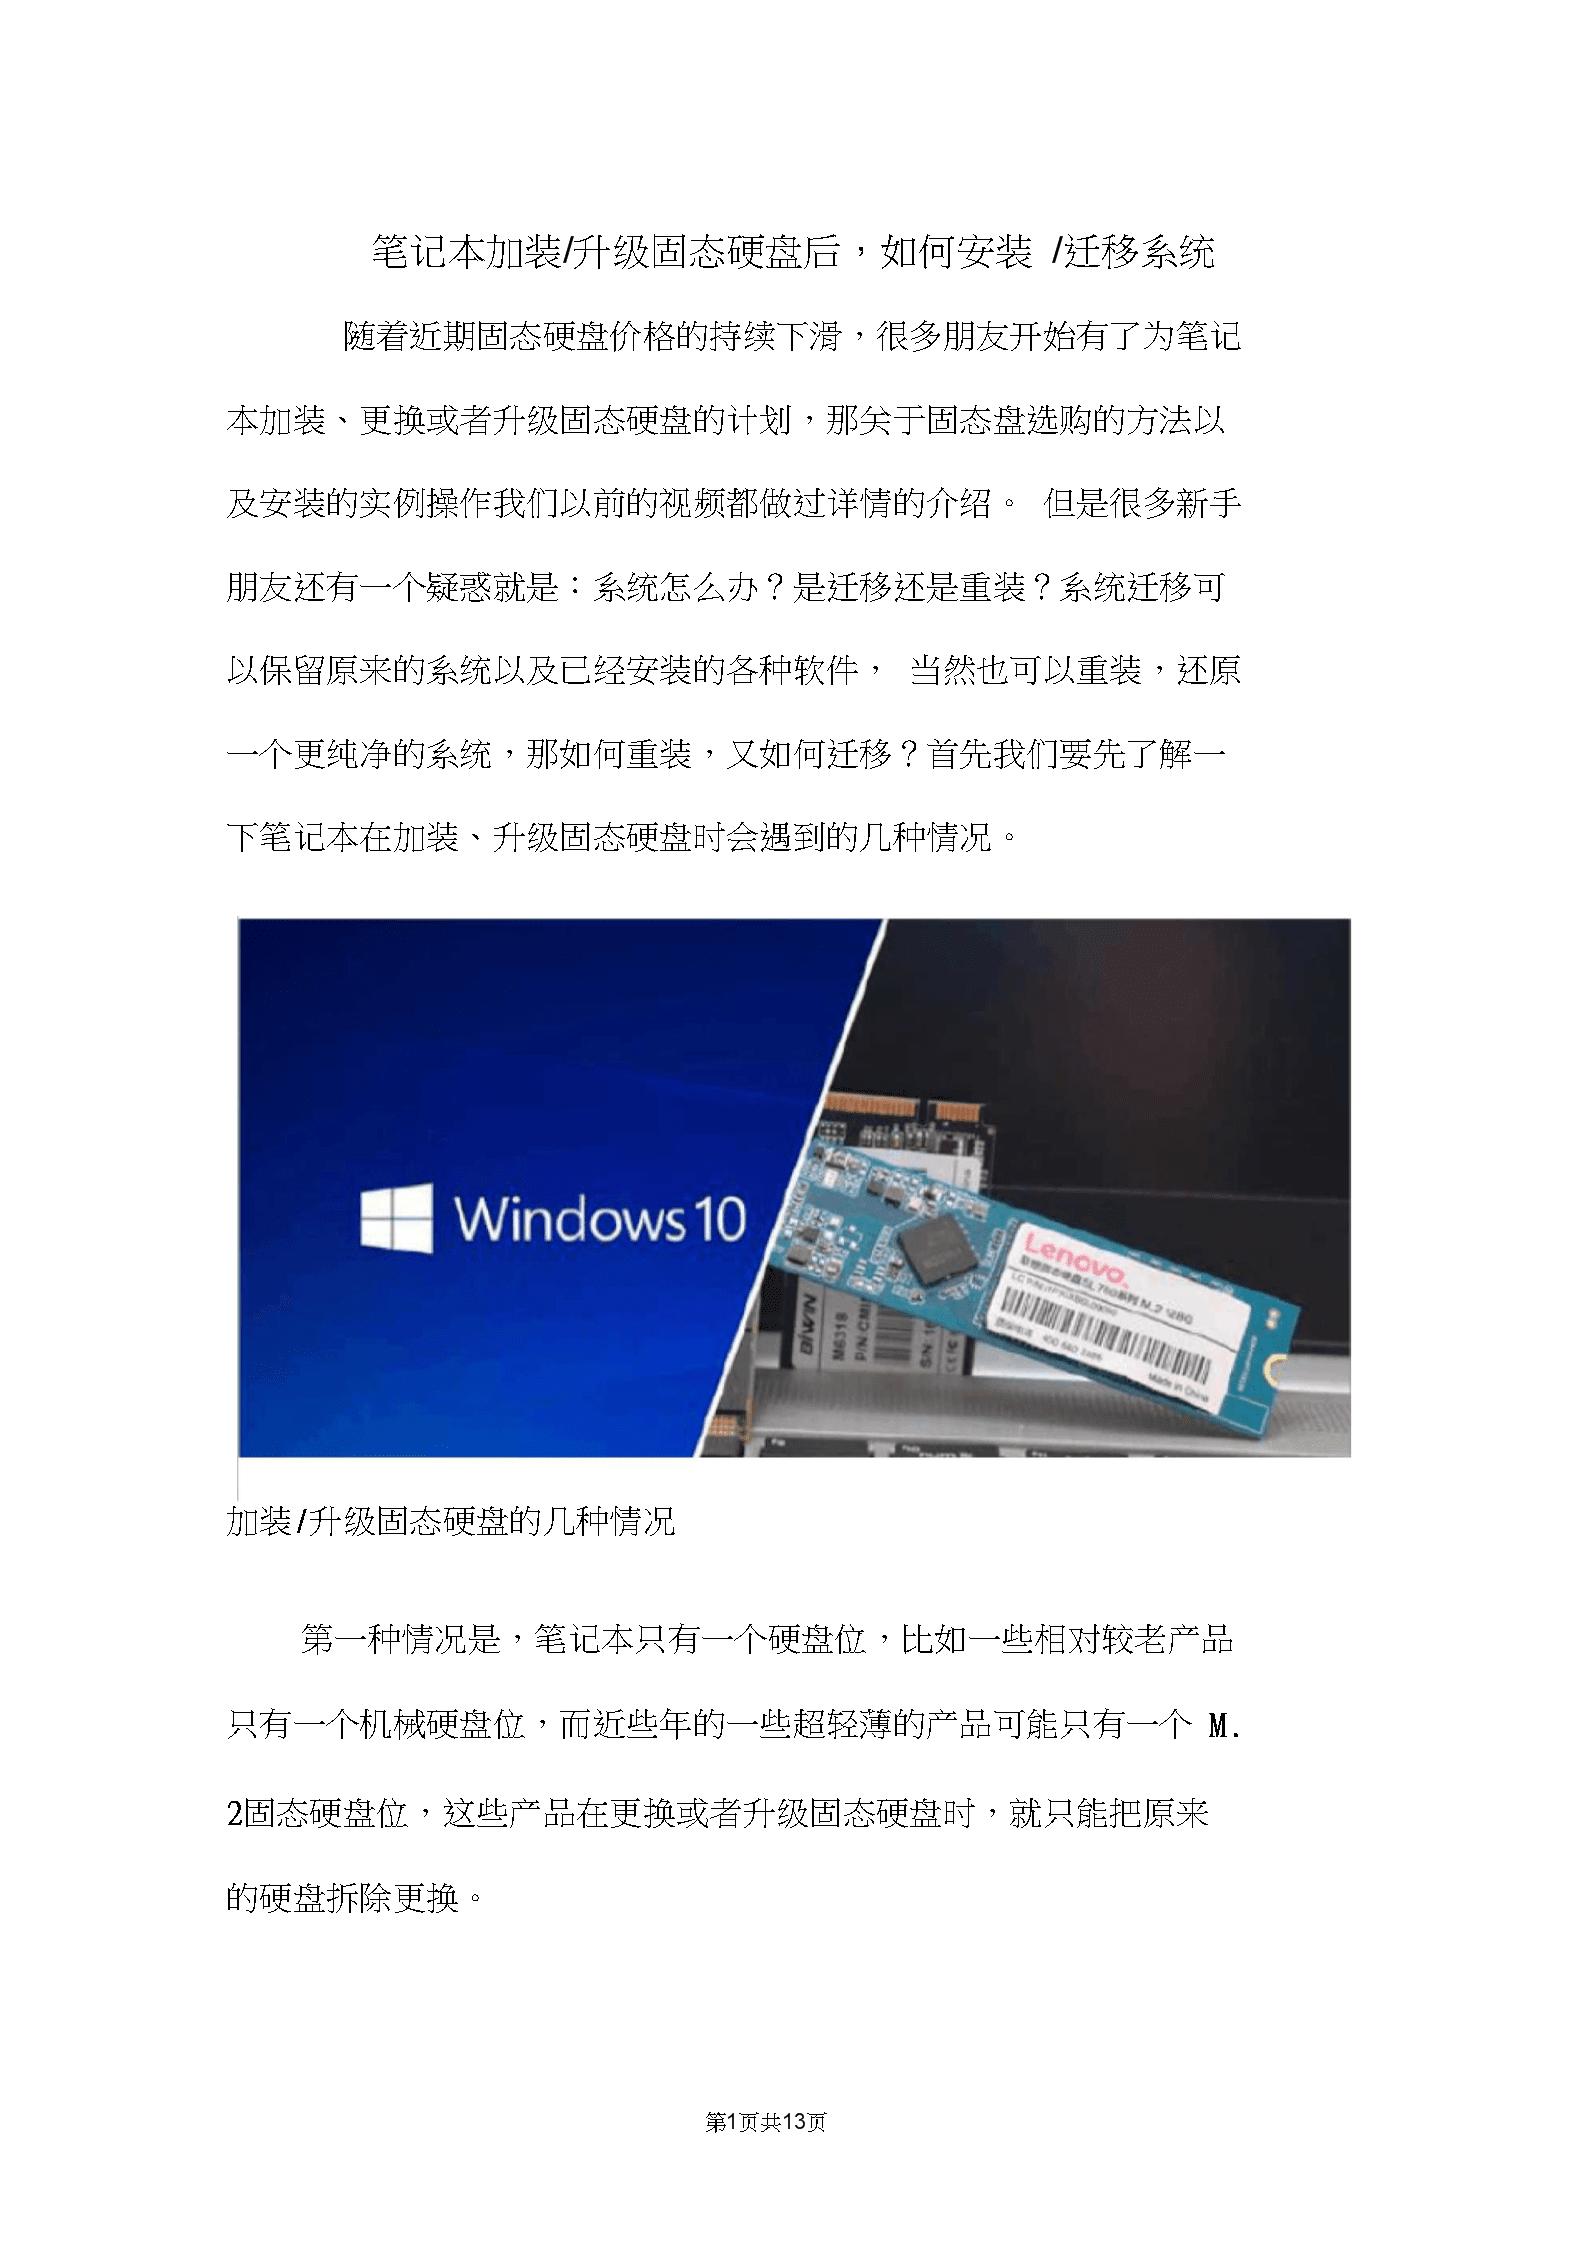 笔记本加装升级固态硬盘后如何安装迁移系统.docx